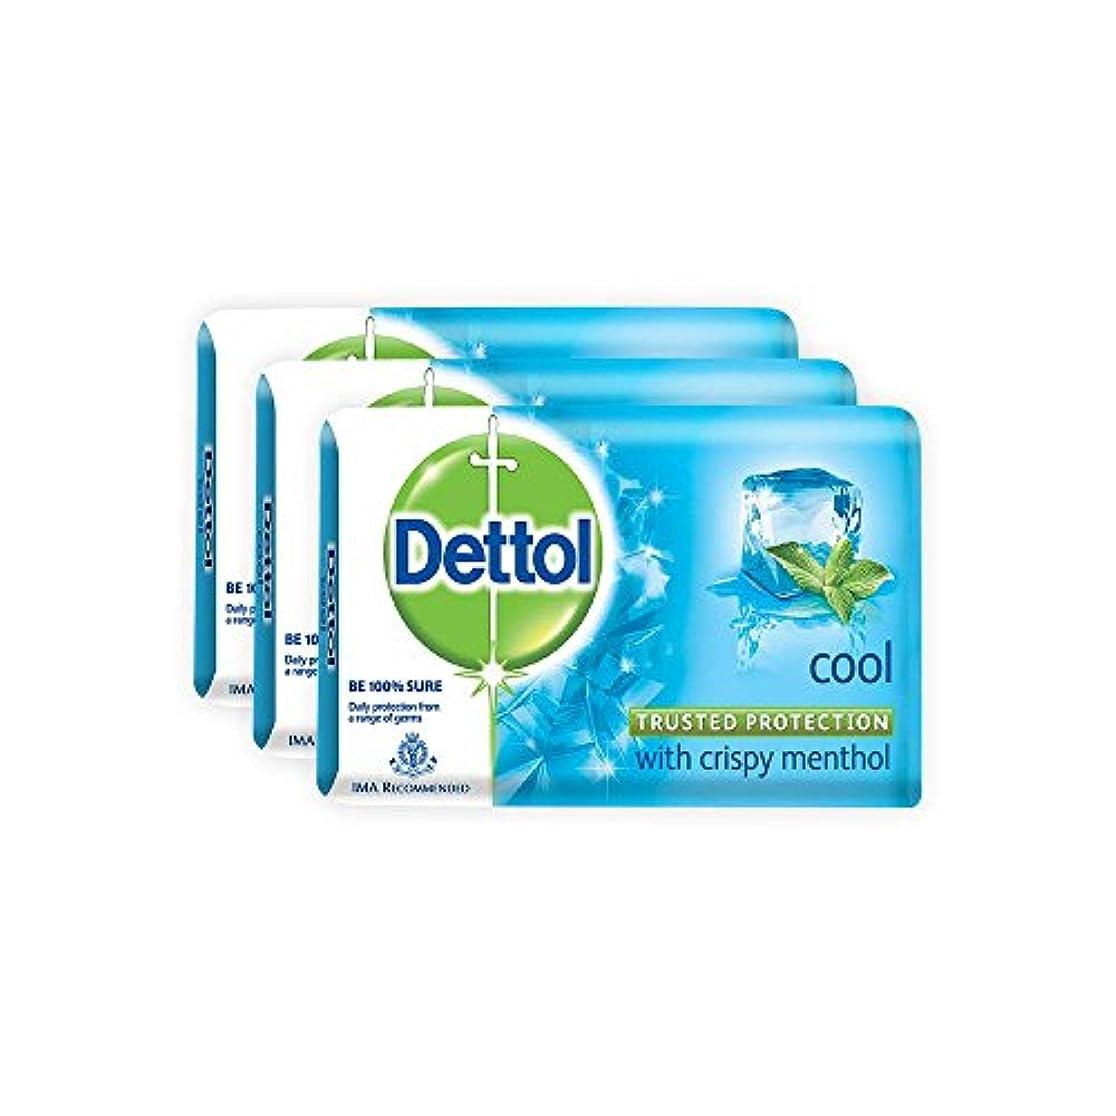 コカイン良さ塊Dettol Cool Bar Soap for Healthy Skin Pack of 3 (3 X 125 g)